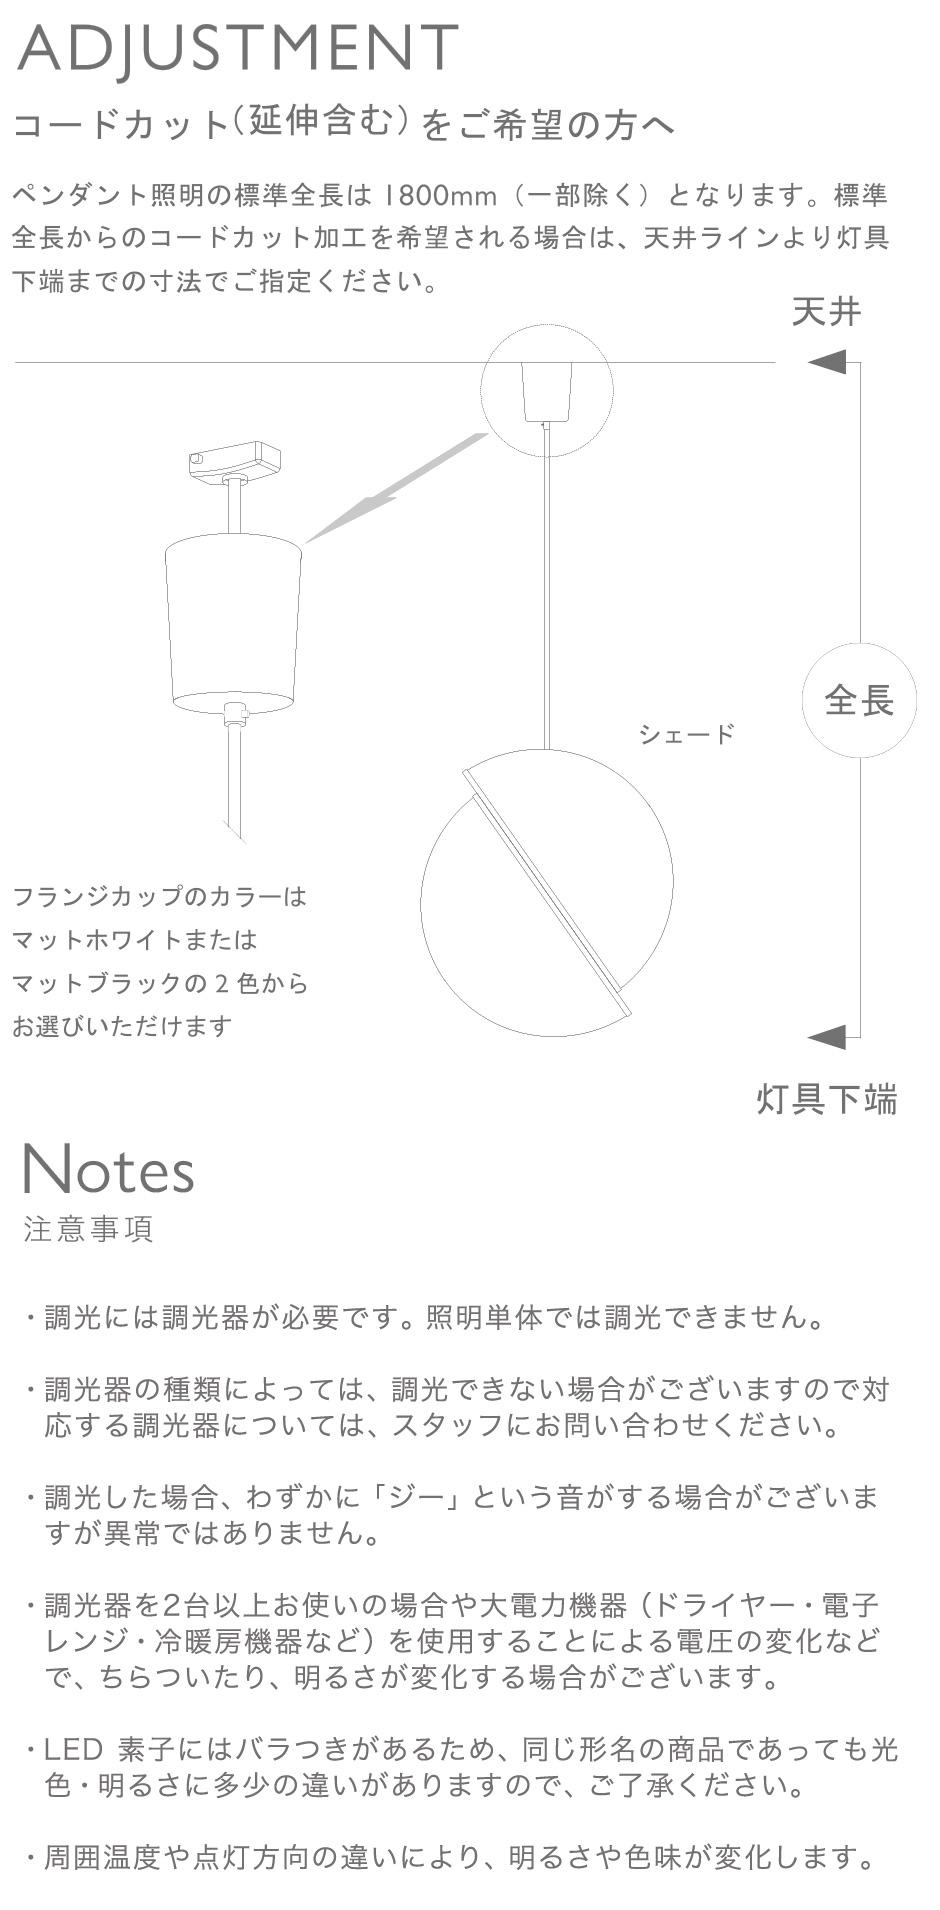 図2:Adjustment コードカット(延伸含む)をご希望の方へ